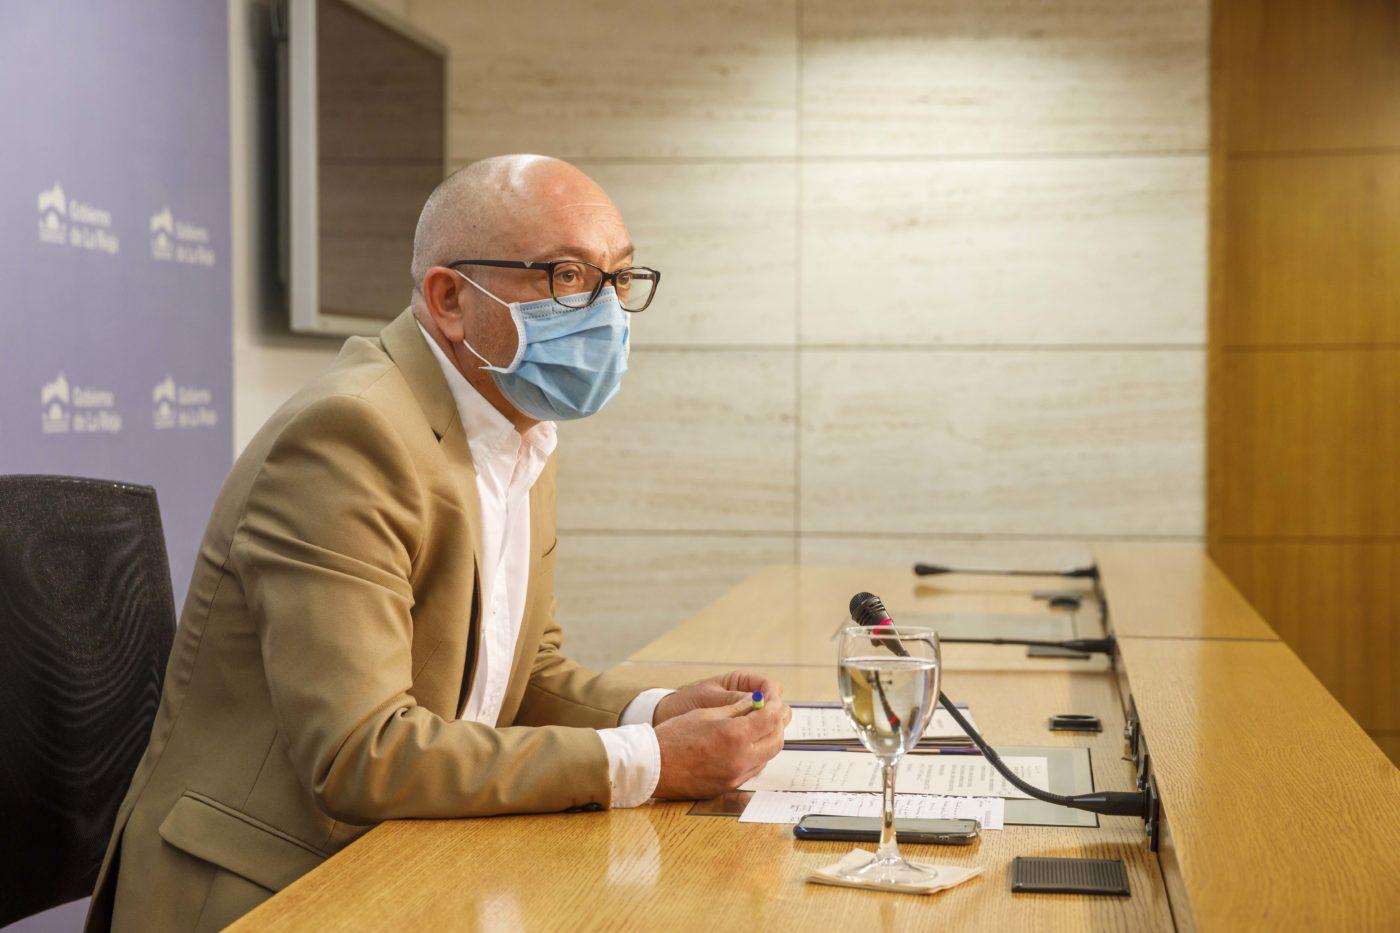 Detectados 24 nuevos casos de Covid-19 en La Rioja el pasado fin de semana, tres de ellos en el Hospital San Pedro